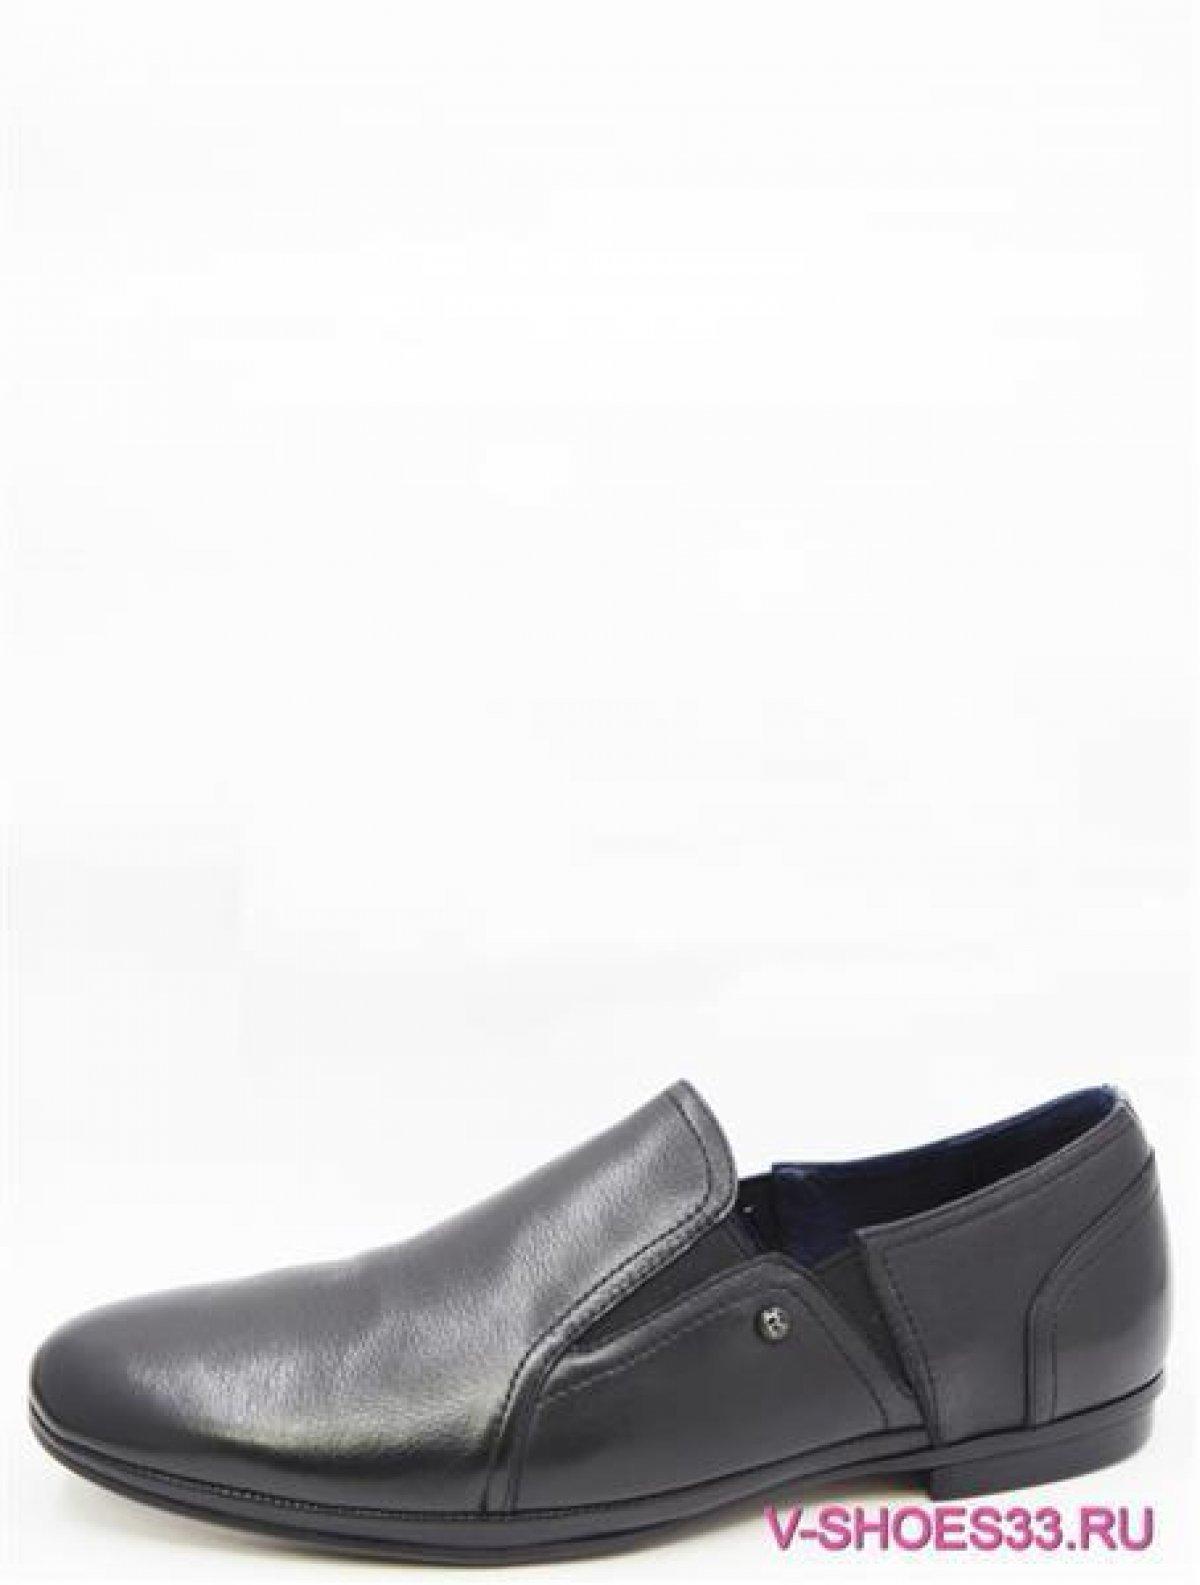 V83-075494 мужские туфли